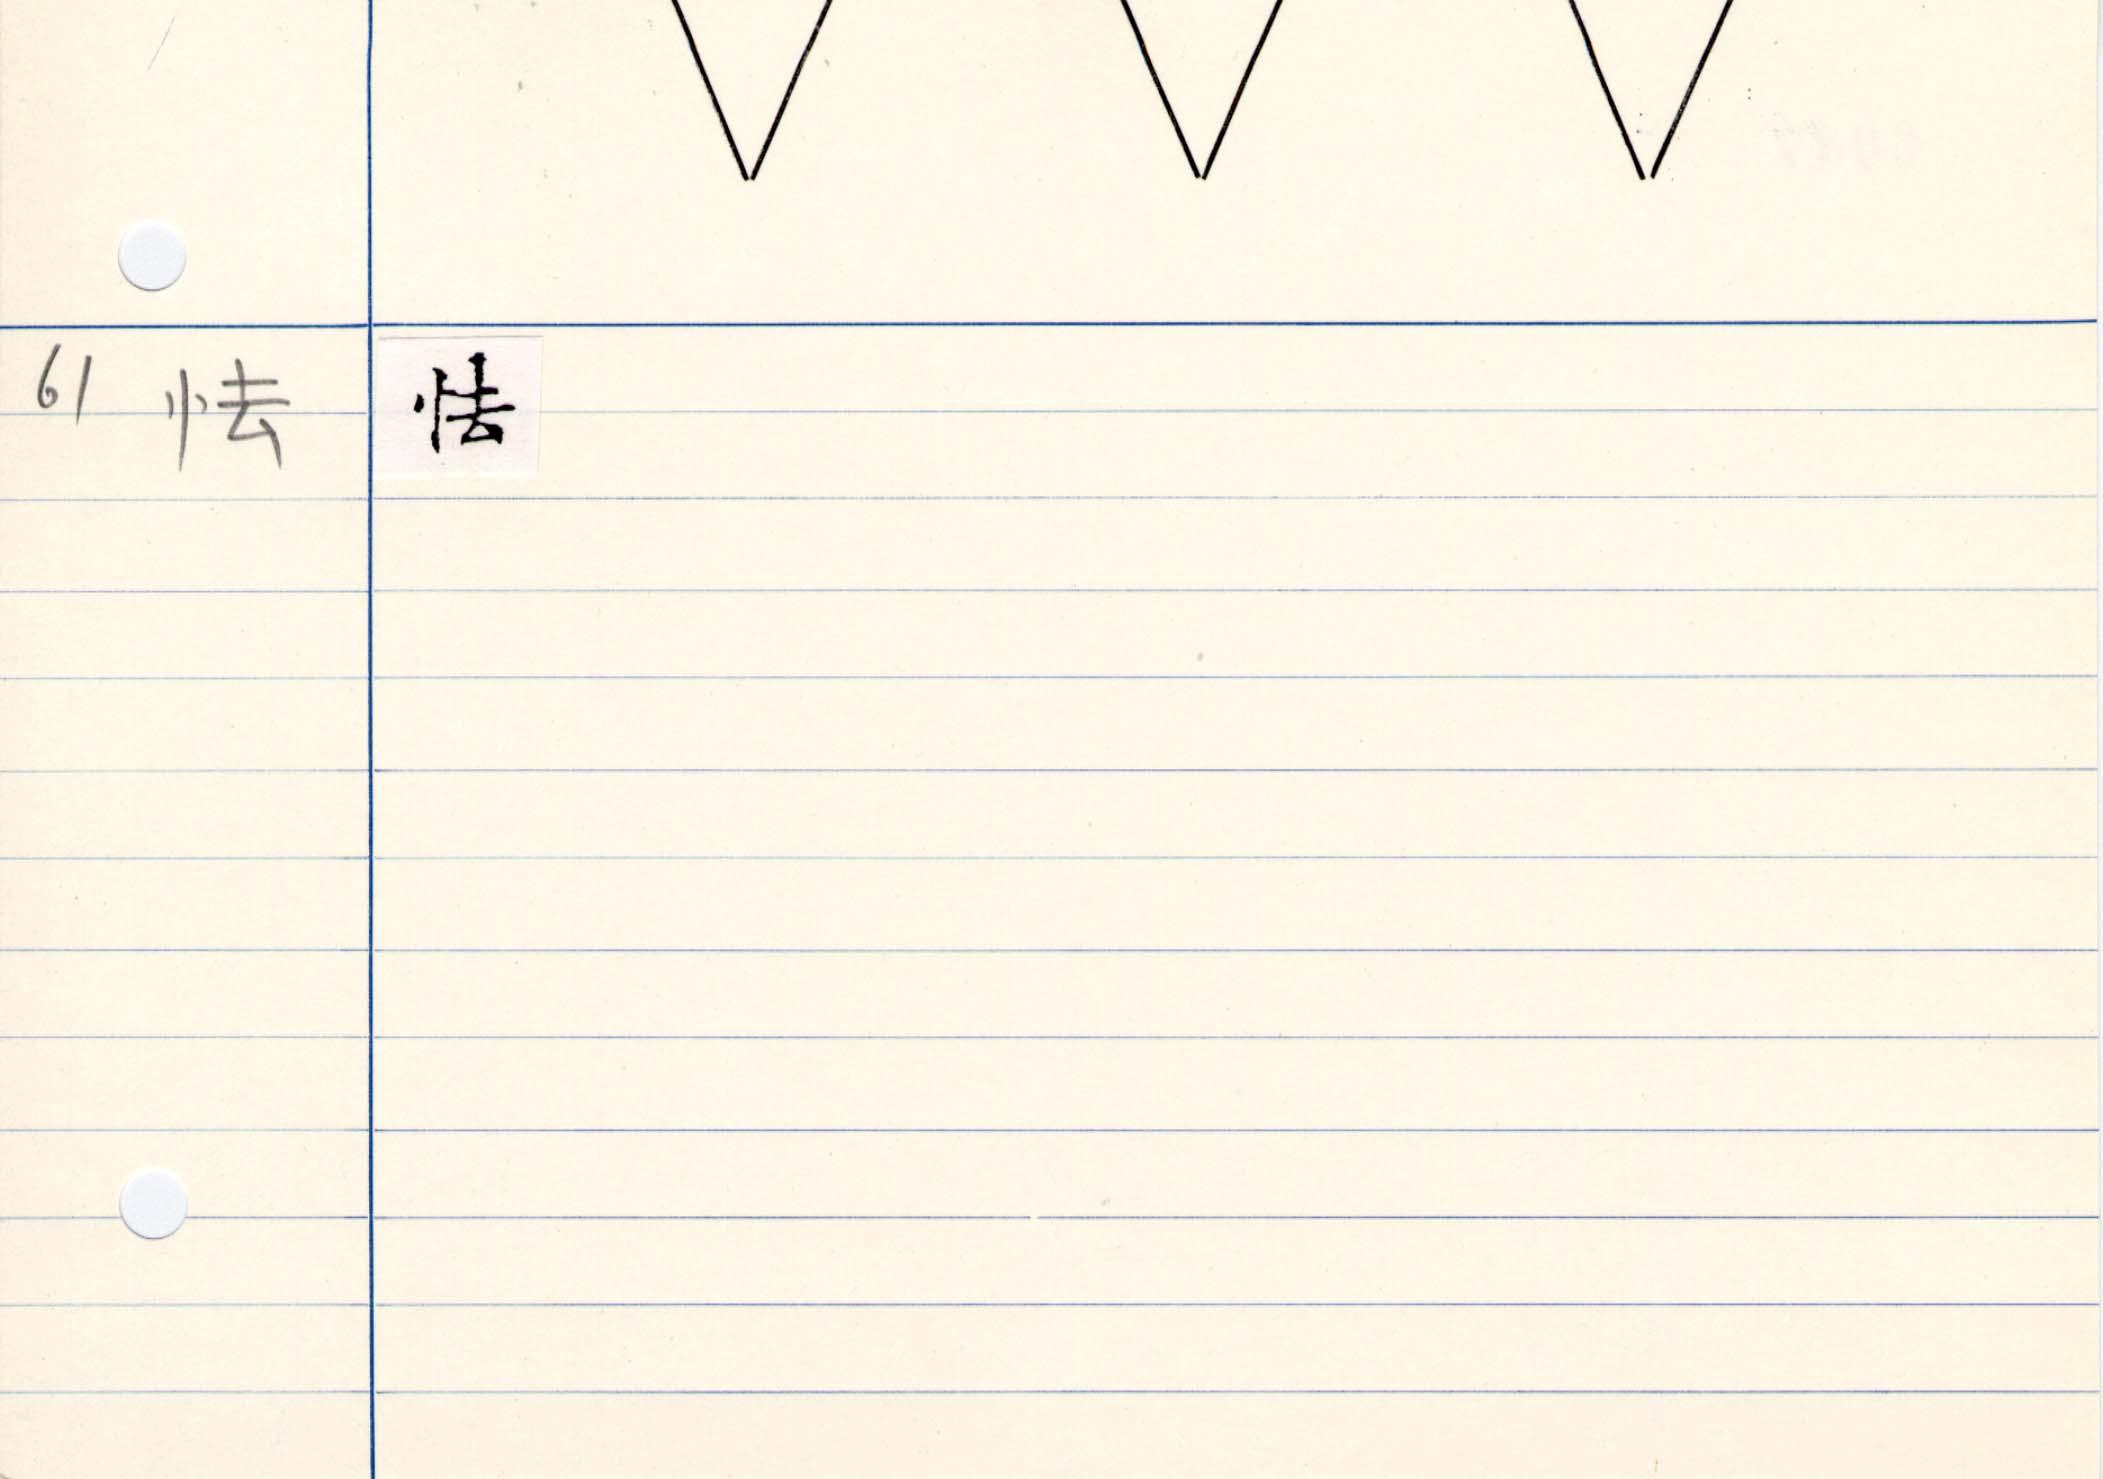 11_妙法蓮華經卷三(守屋本)/cards/0047.jpg